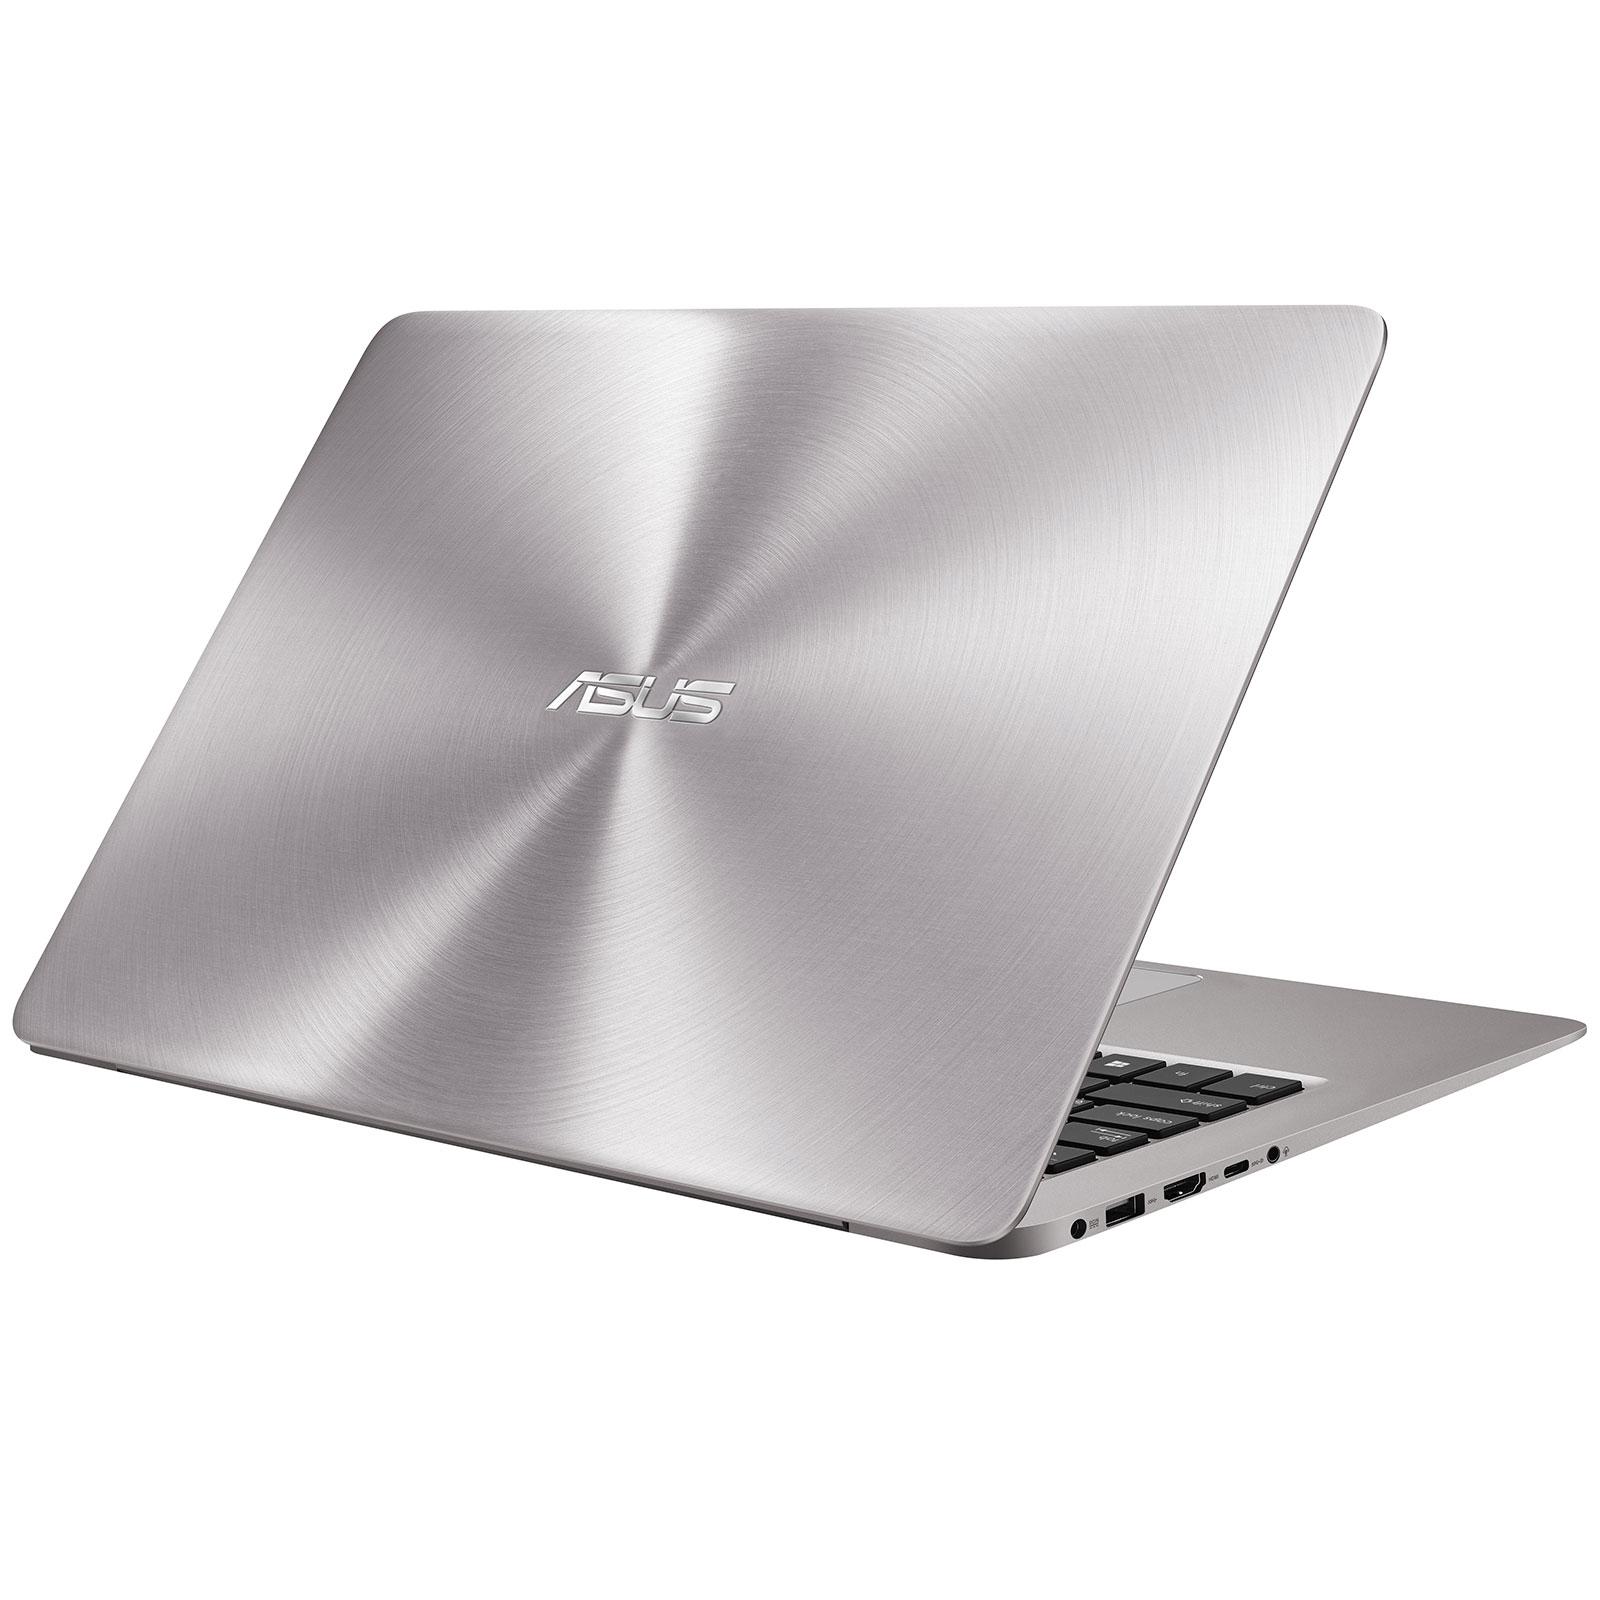 Asus UX410UA-GV027R - PC portable Asus - Cybertek.fr - 1